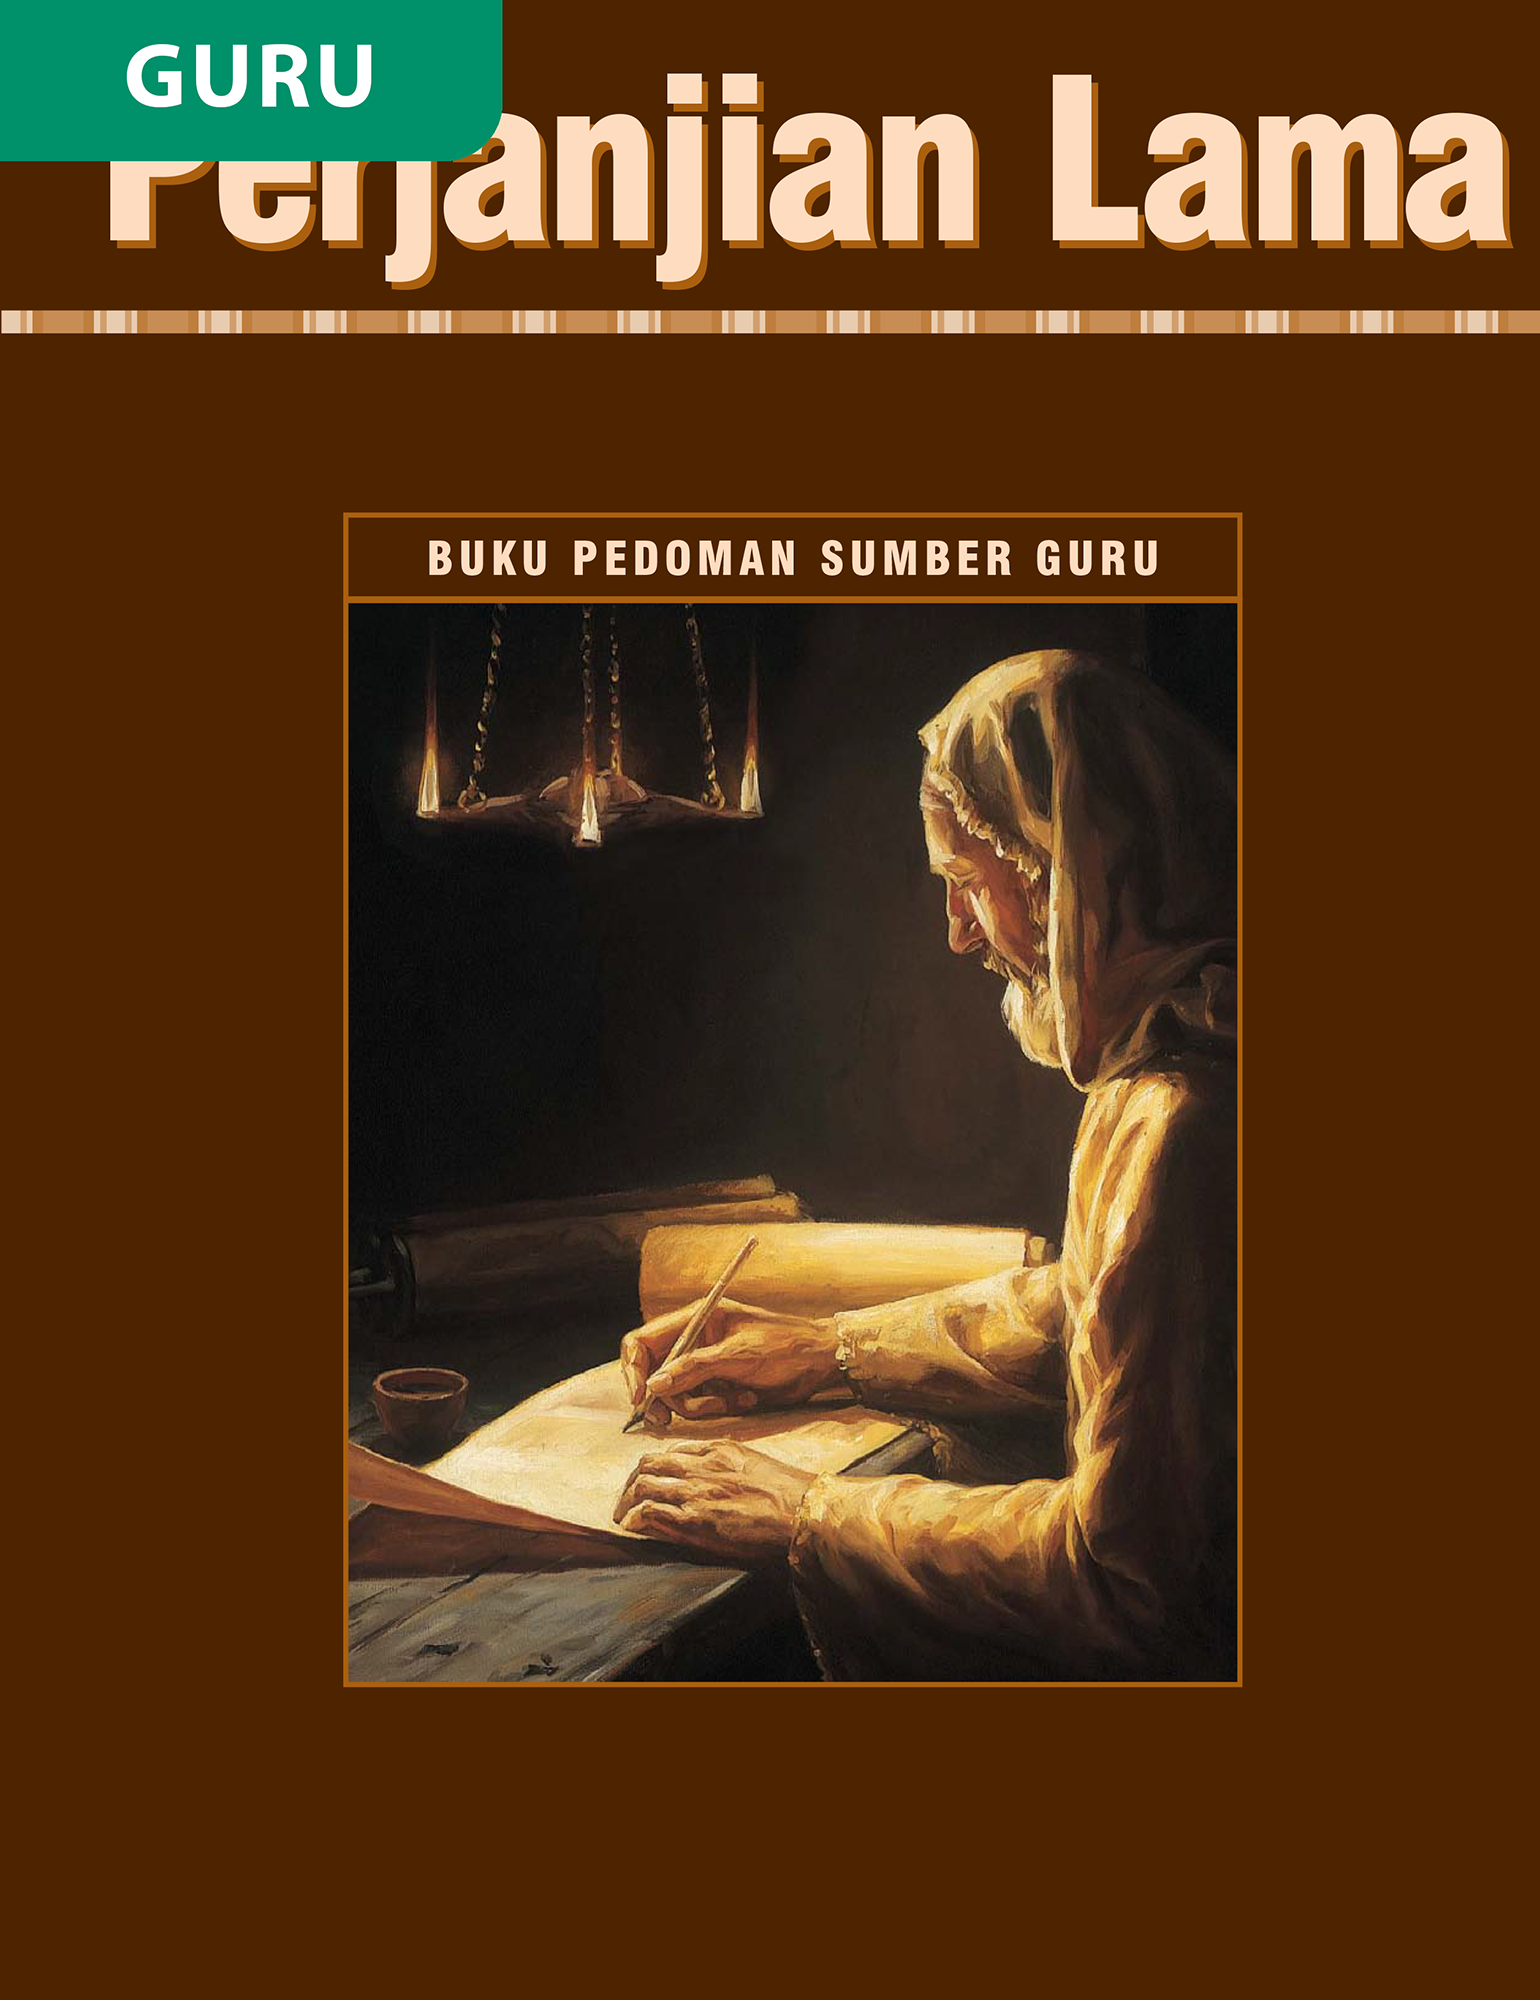 Buku Pedoman Sumber Guru Seminari Perjanjian Lama